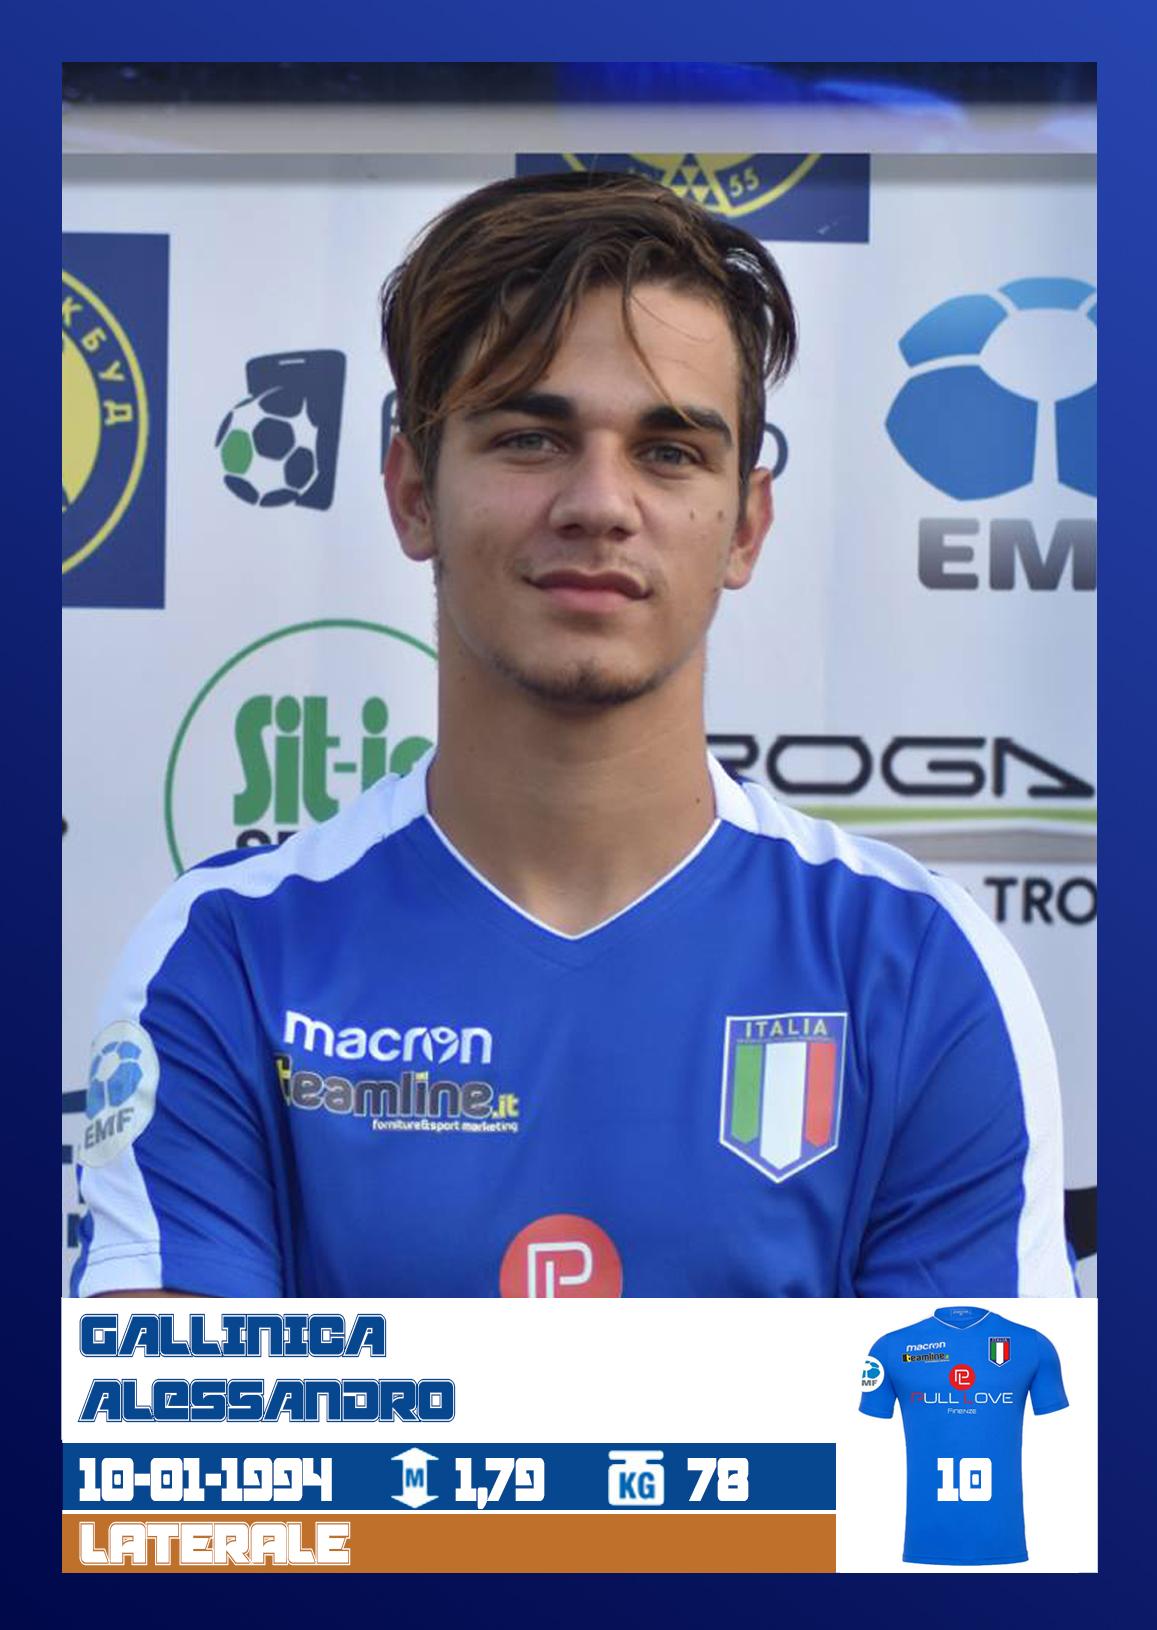 Alessandro Gallinica